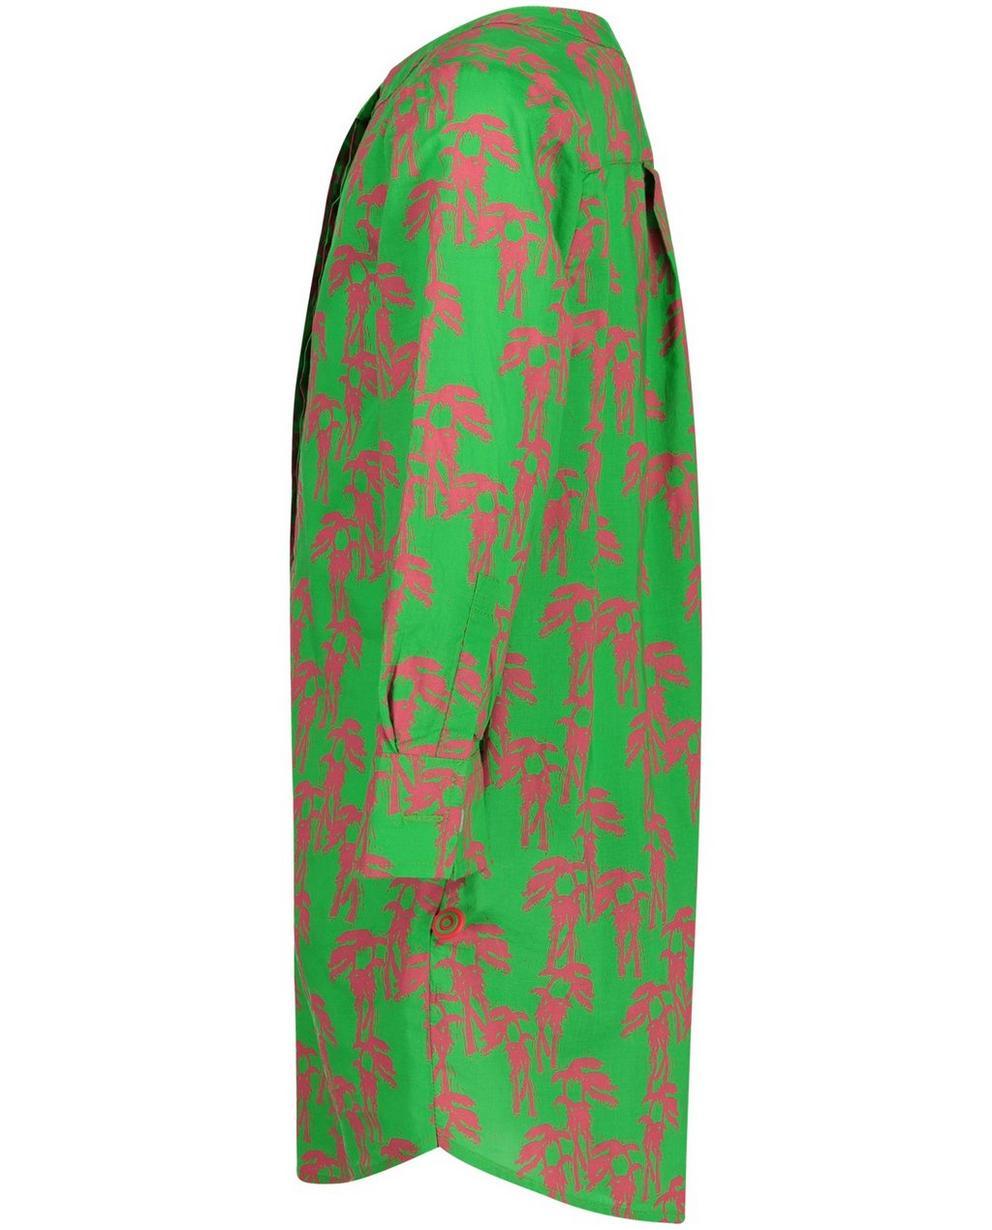 Kleedjes - GNF - Grasgroene hemdjurk